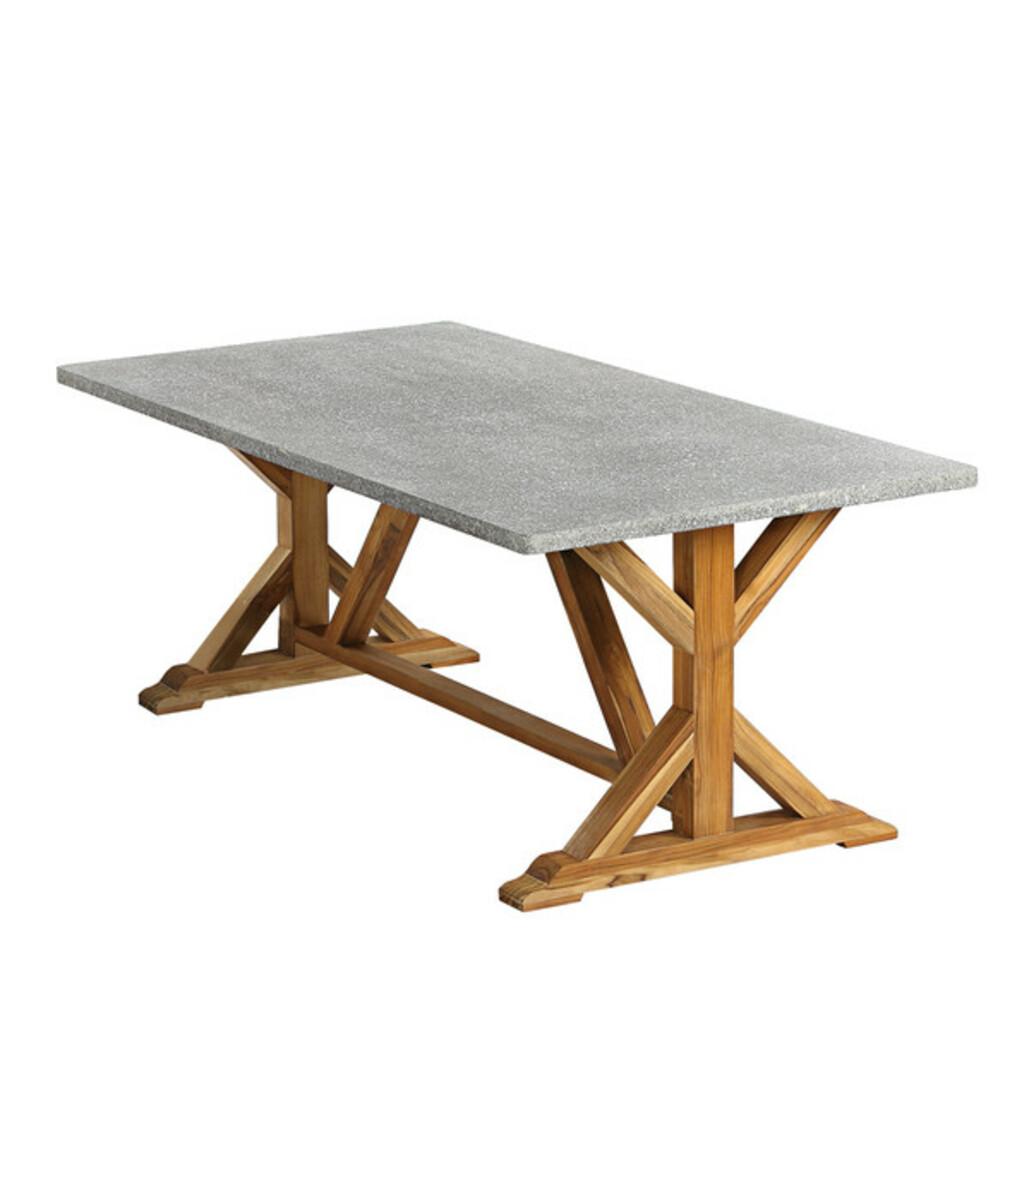 Bild 1 von Fiberzement-Tisch Rocky, 200 x 100 x 74,5 cm